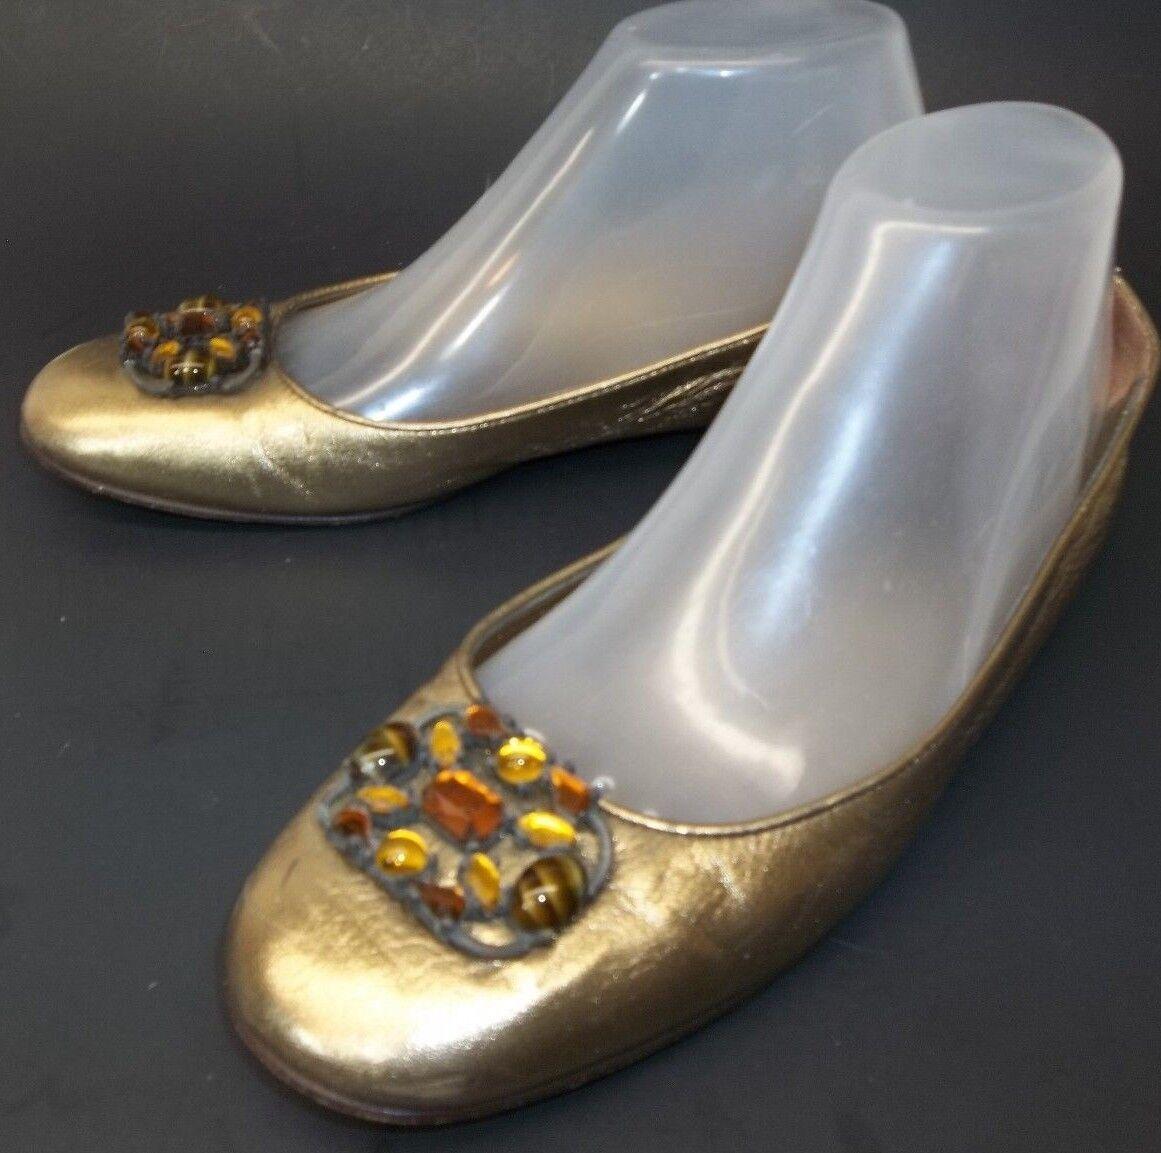 Saks Fifth Avenue Mujer Zapatos ee. UU. 7.5 oro Joyas Joyas Joyas Ballet Italia pisos de vacaciones  perfecto